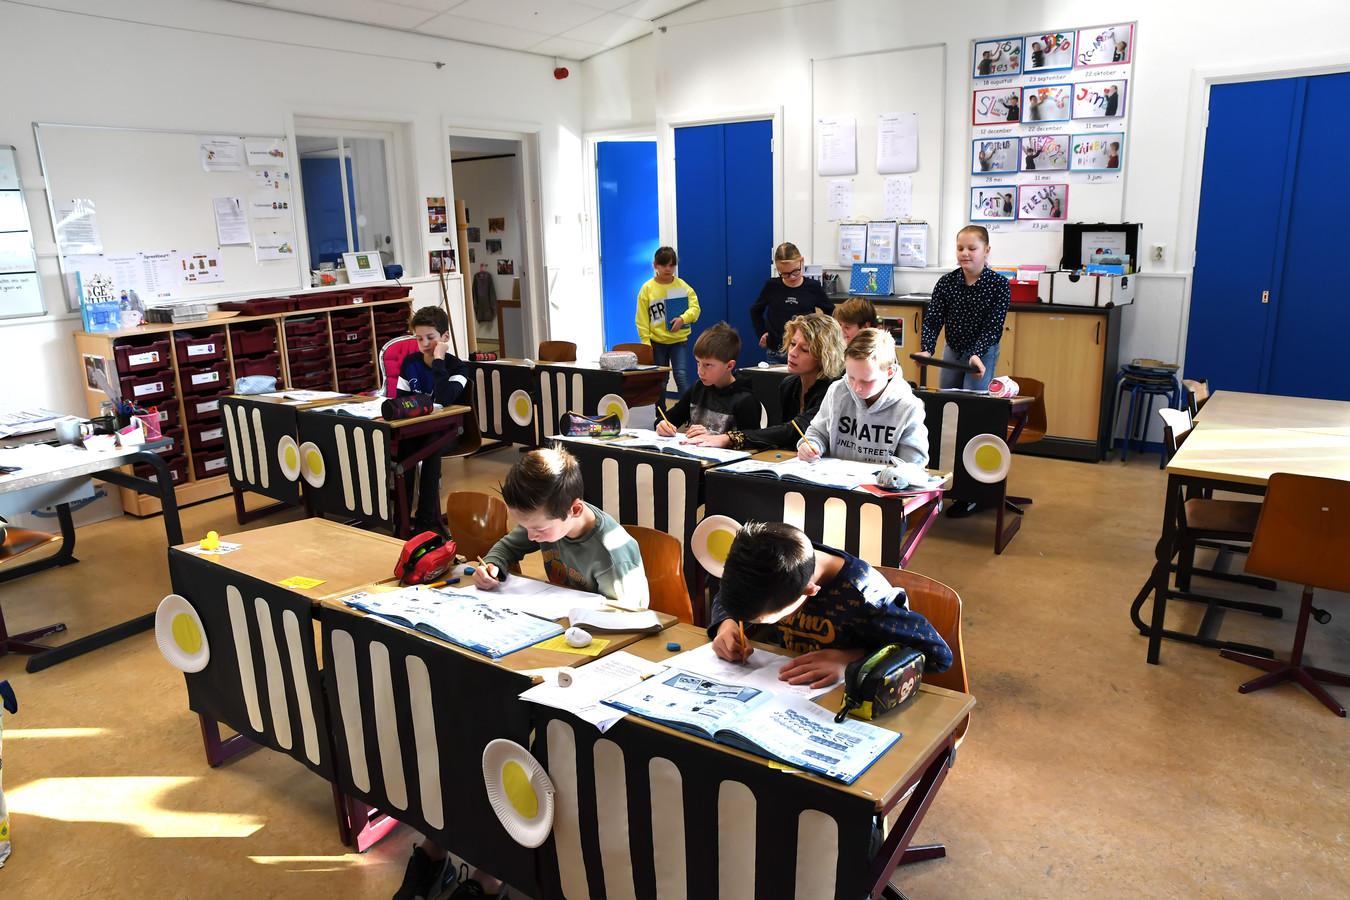 Basisschool De Start in De Moer heeft per 1 oktober 23 leerlingen en voldoet daarmee aan de minimale eis.